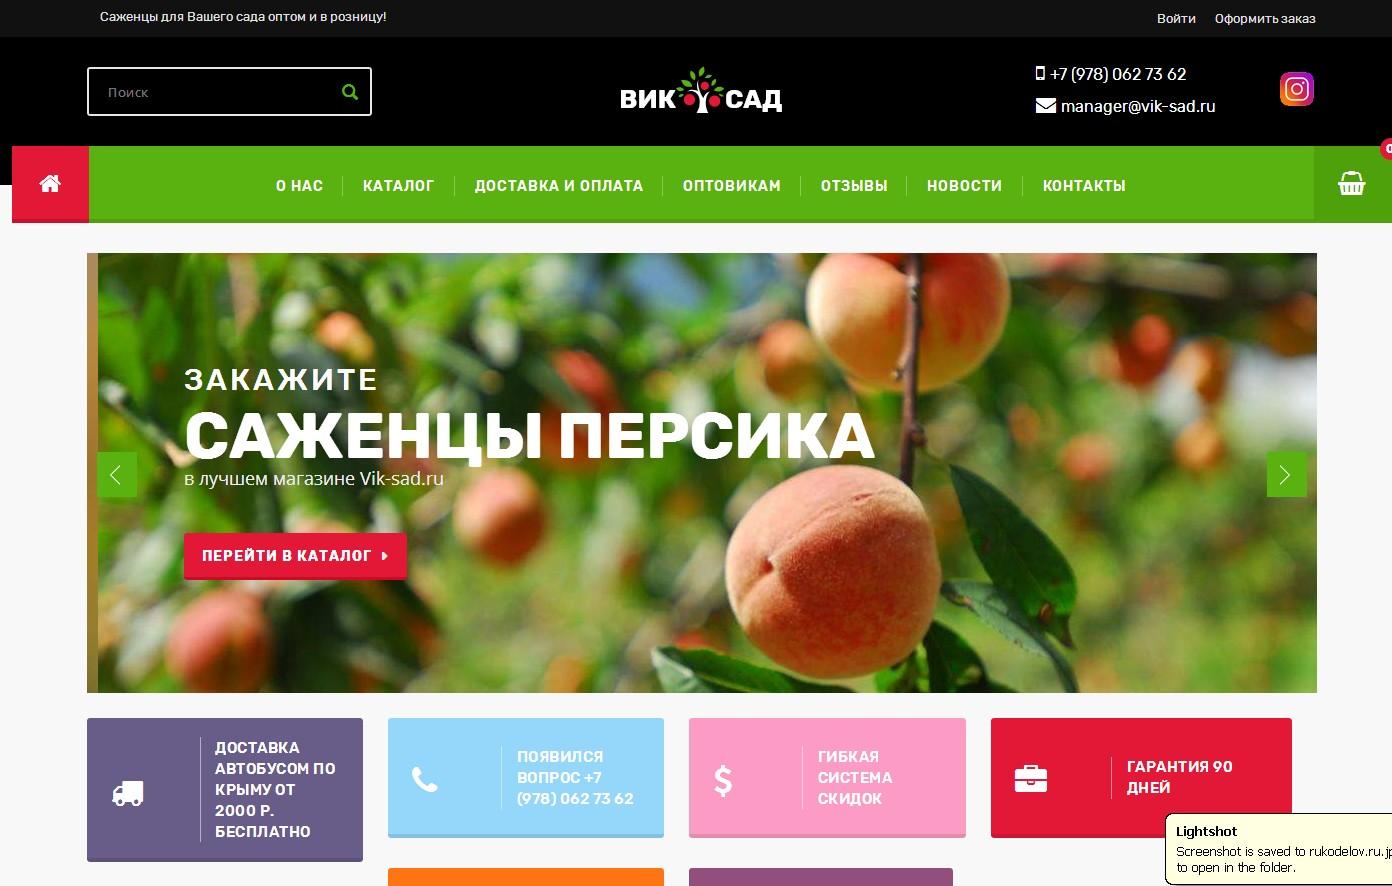 Скриншот интернет-магазина vik-sad.ru